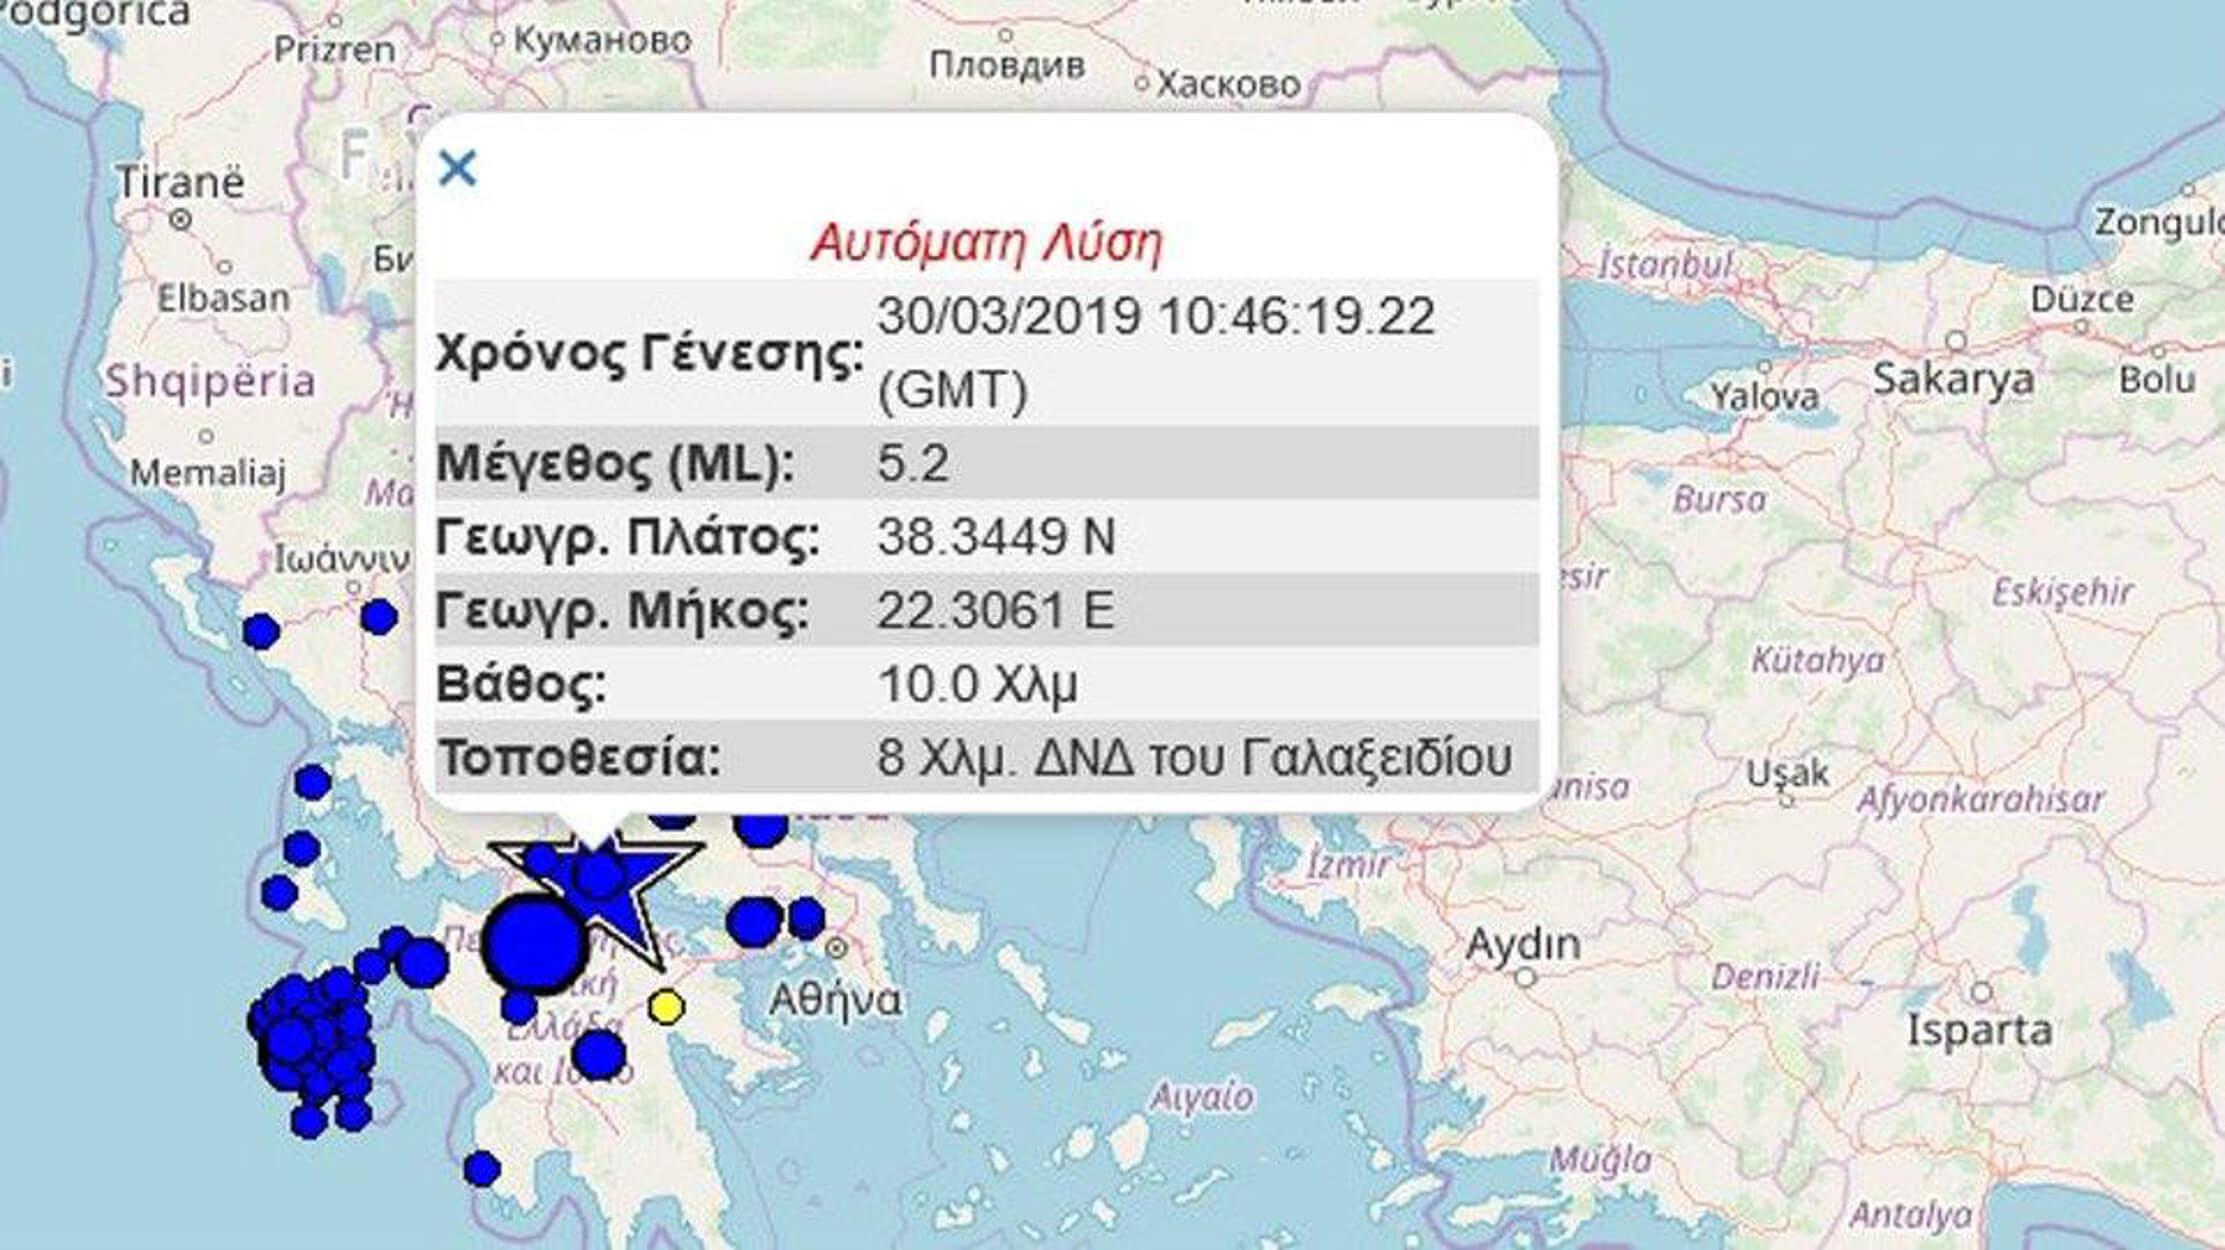 Τι λένε οι σεισμολόγοι για τα 5.3 Ρίχτερ που ταρακούνησαν τη μισή Ελλάδα 4